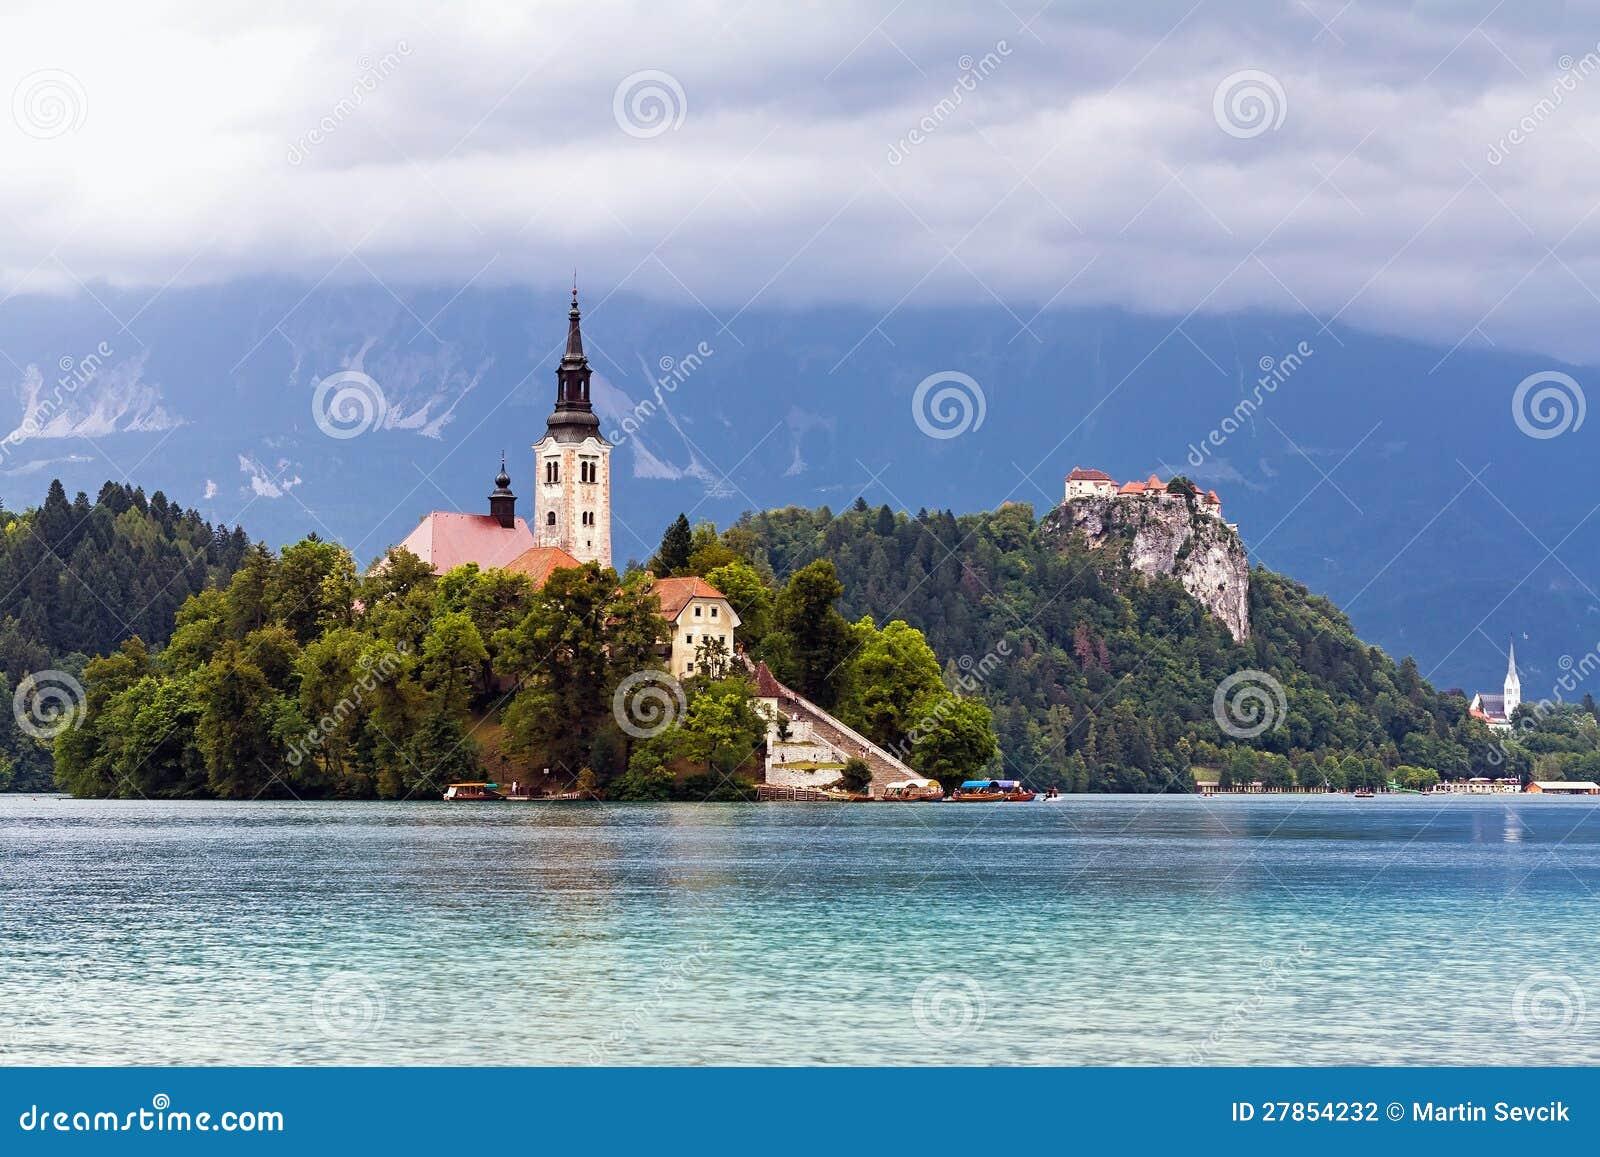 Kościół na wyspie w jeziorze Krwawiącym